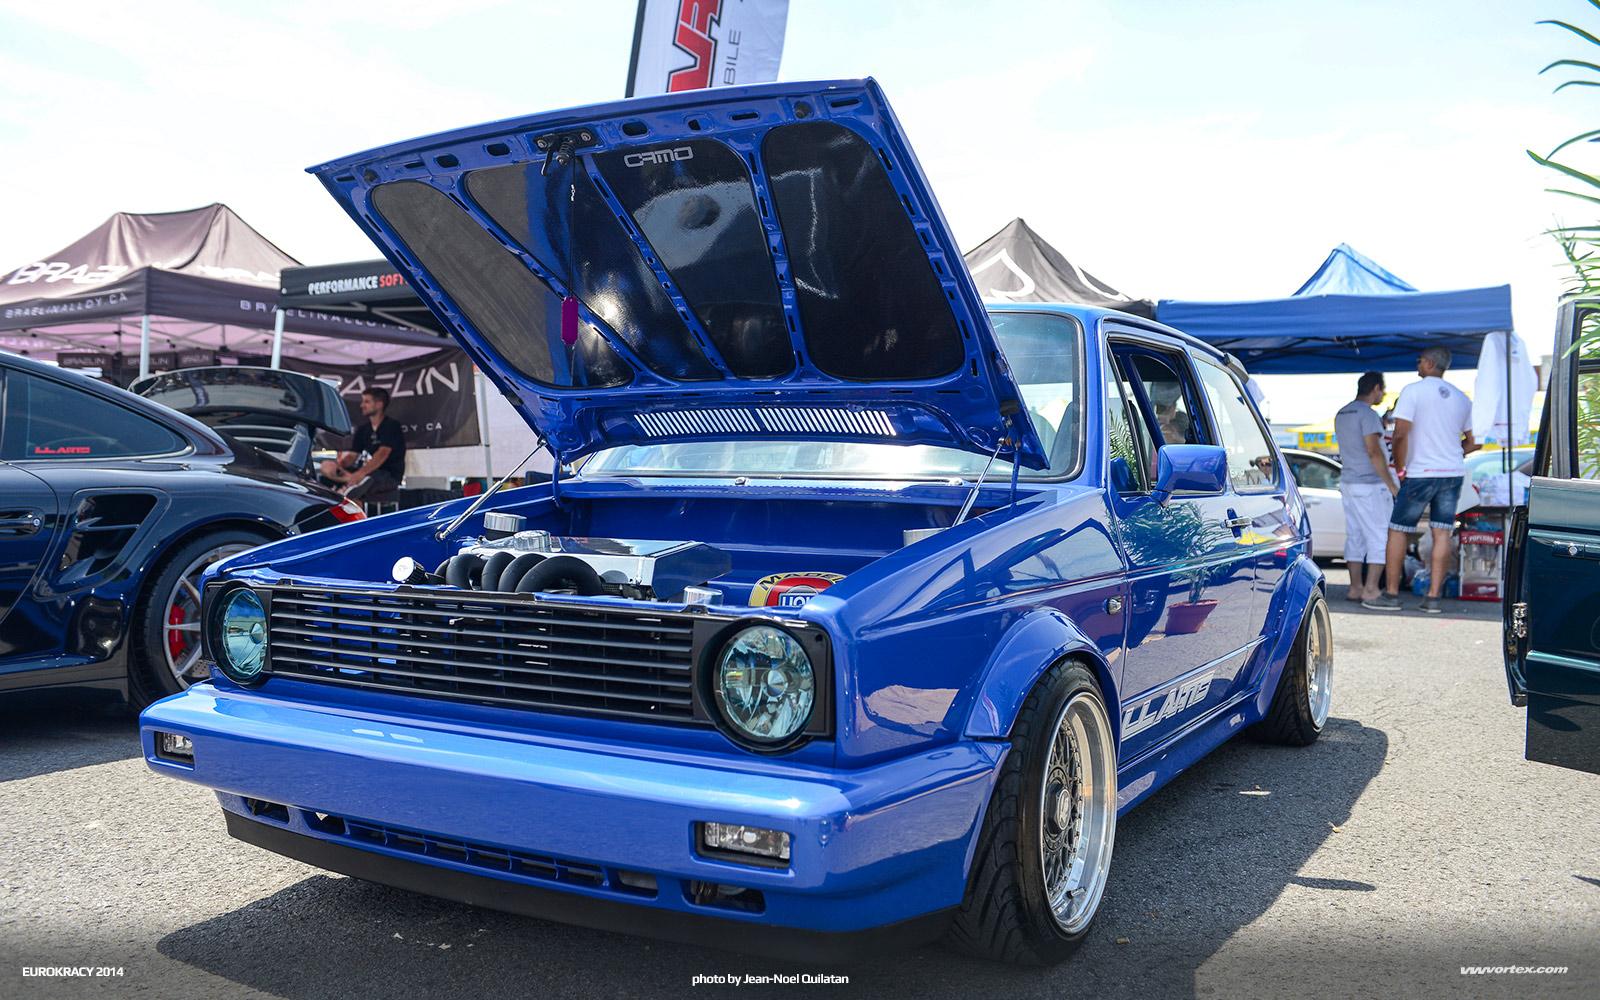 Audi-A6-Avant-Abt-Sportsline-351